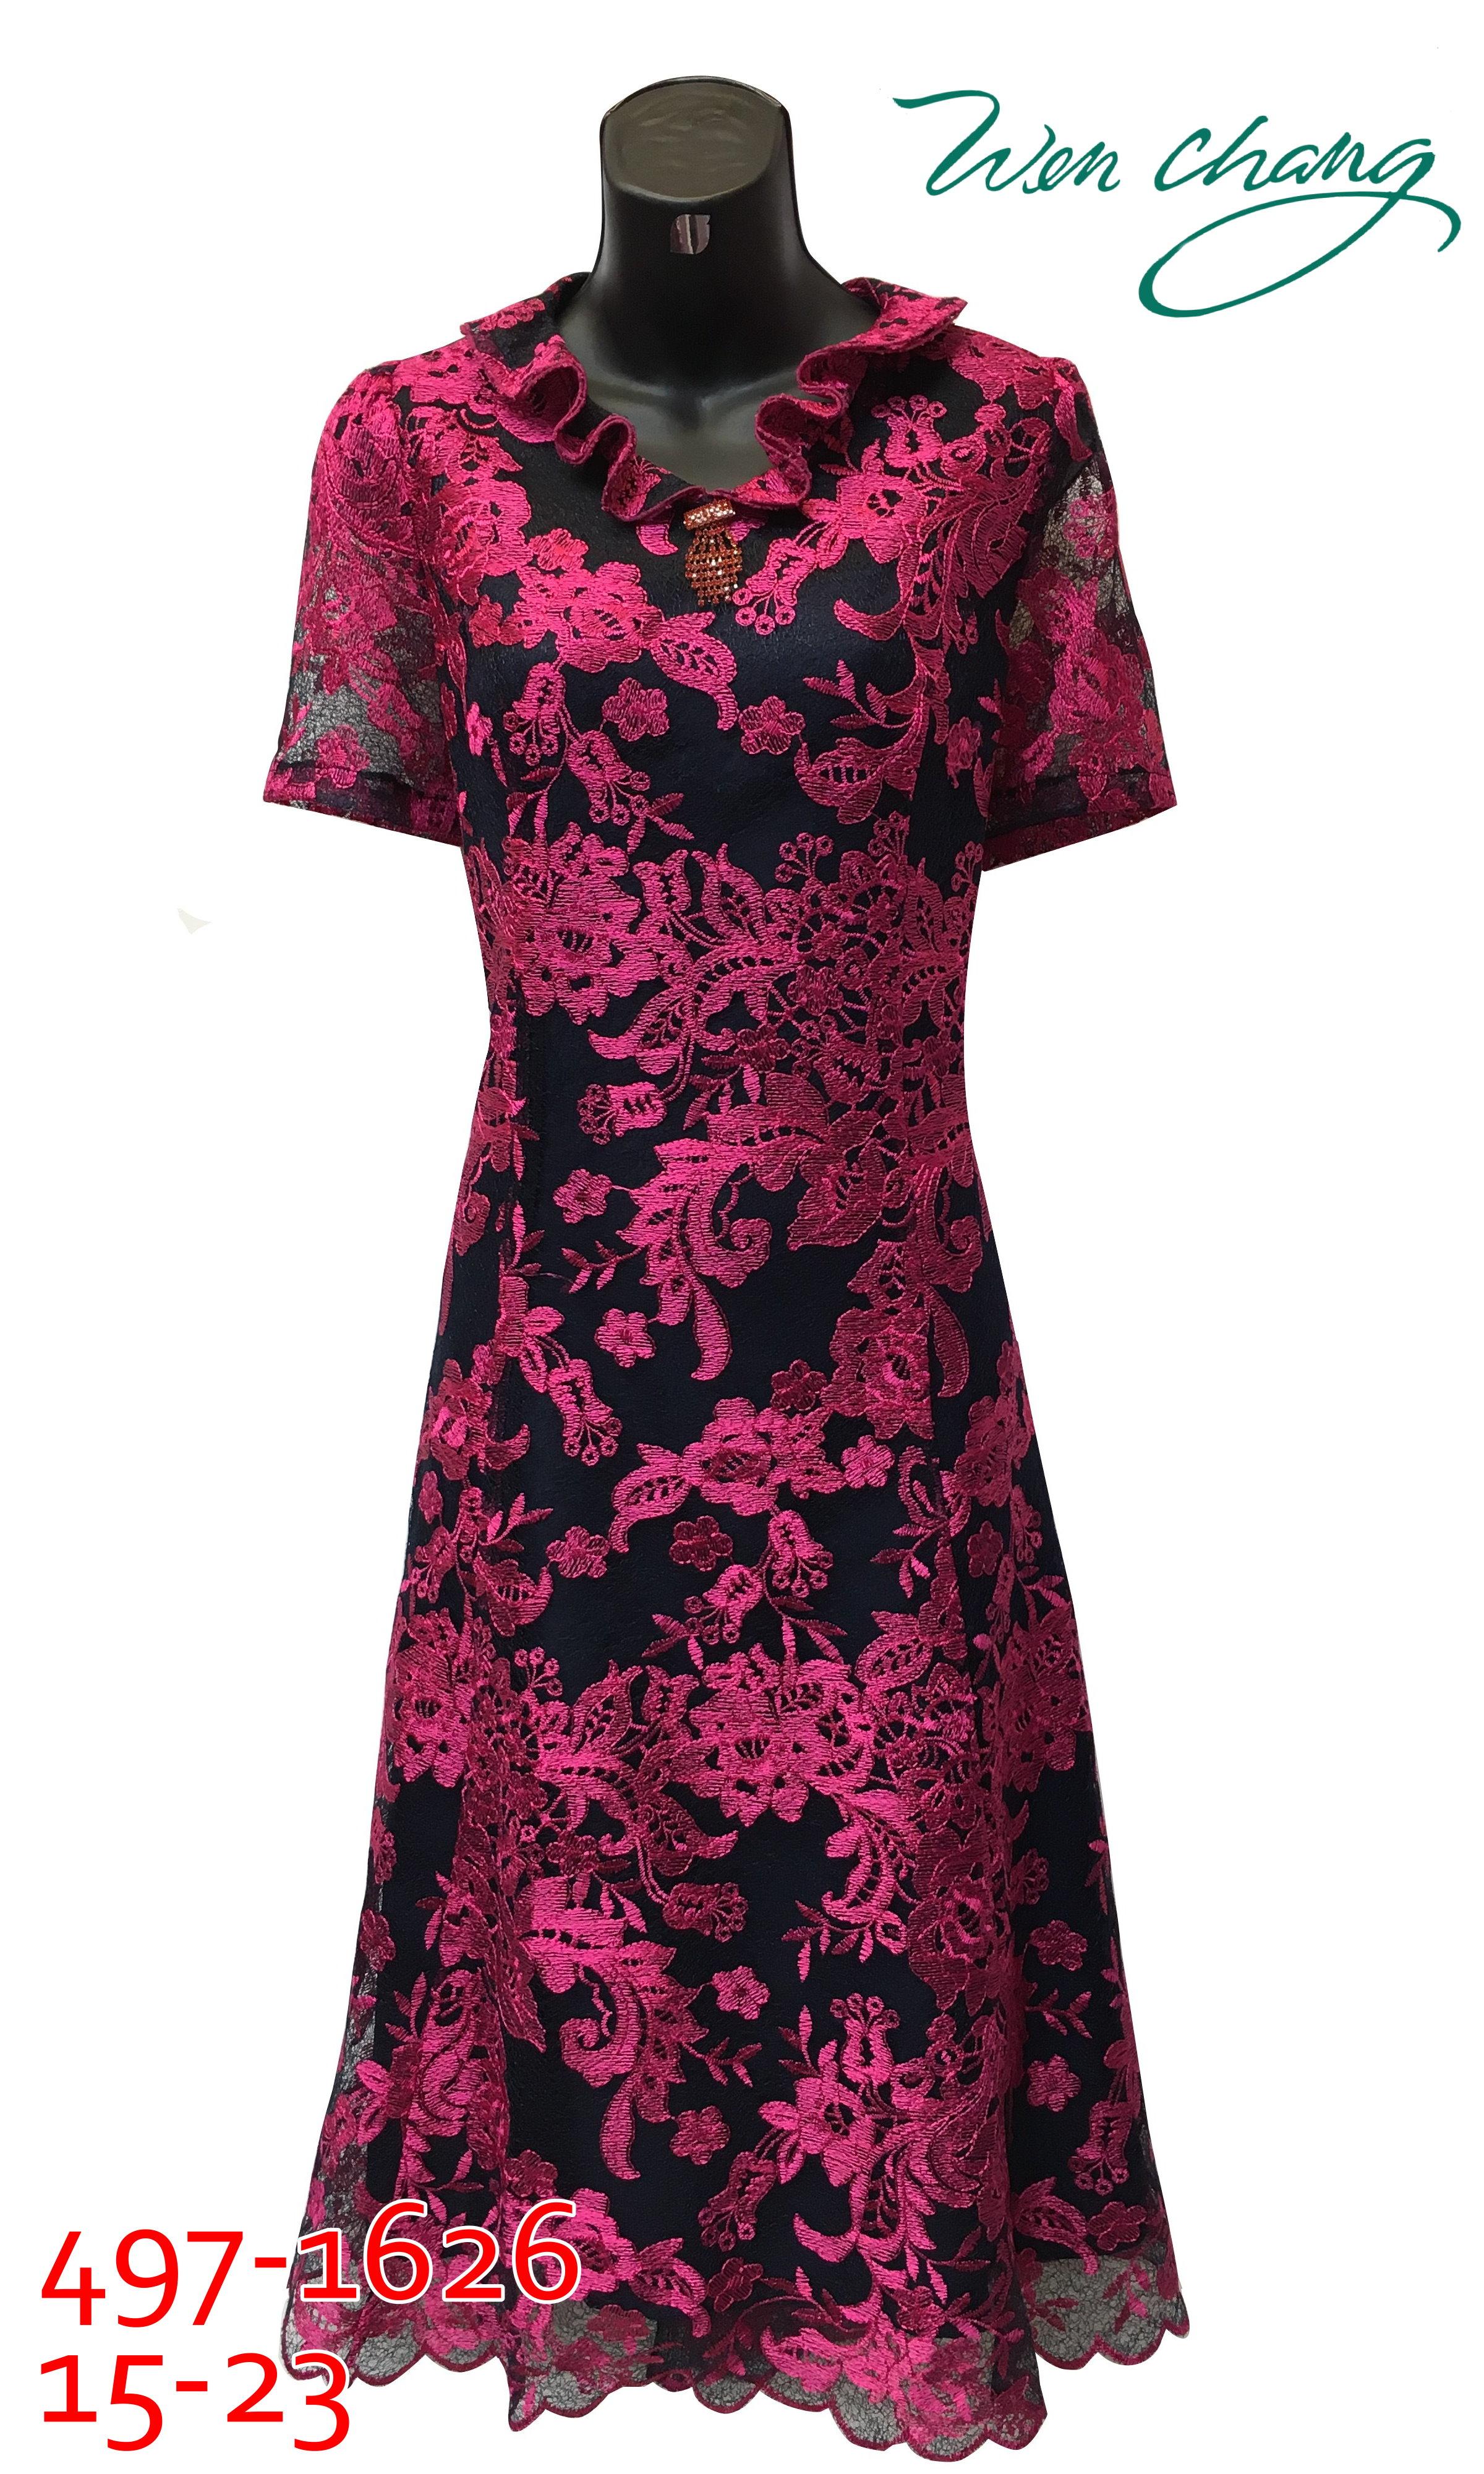 媽媽長禮服-497-1626